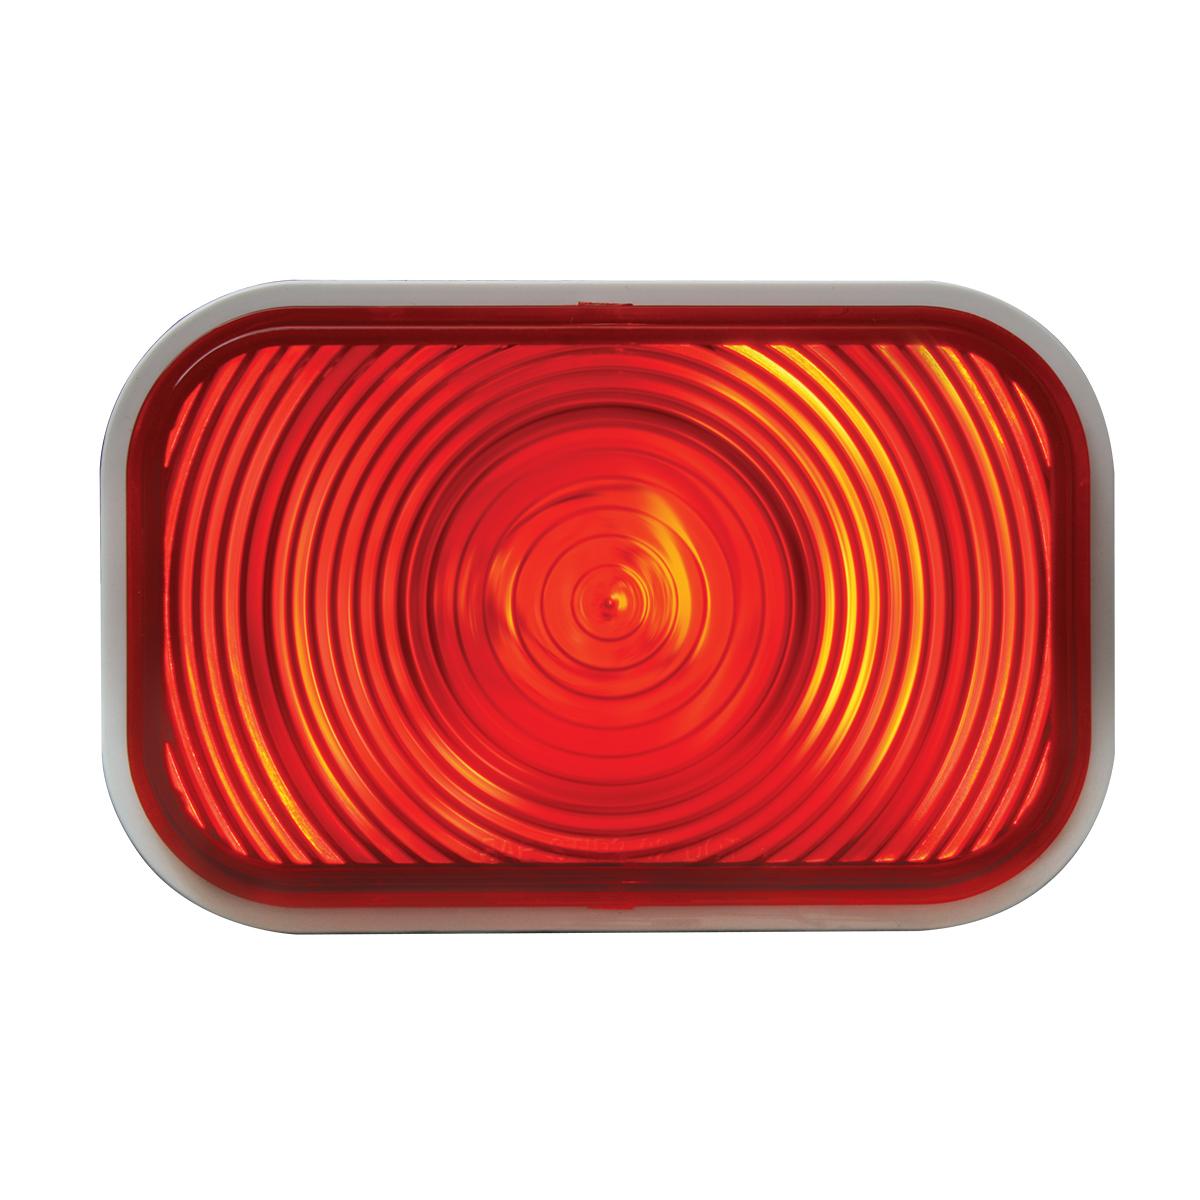 #80761 Rectangular Red Light Lens Only